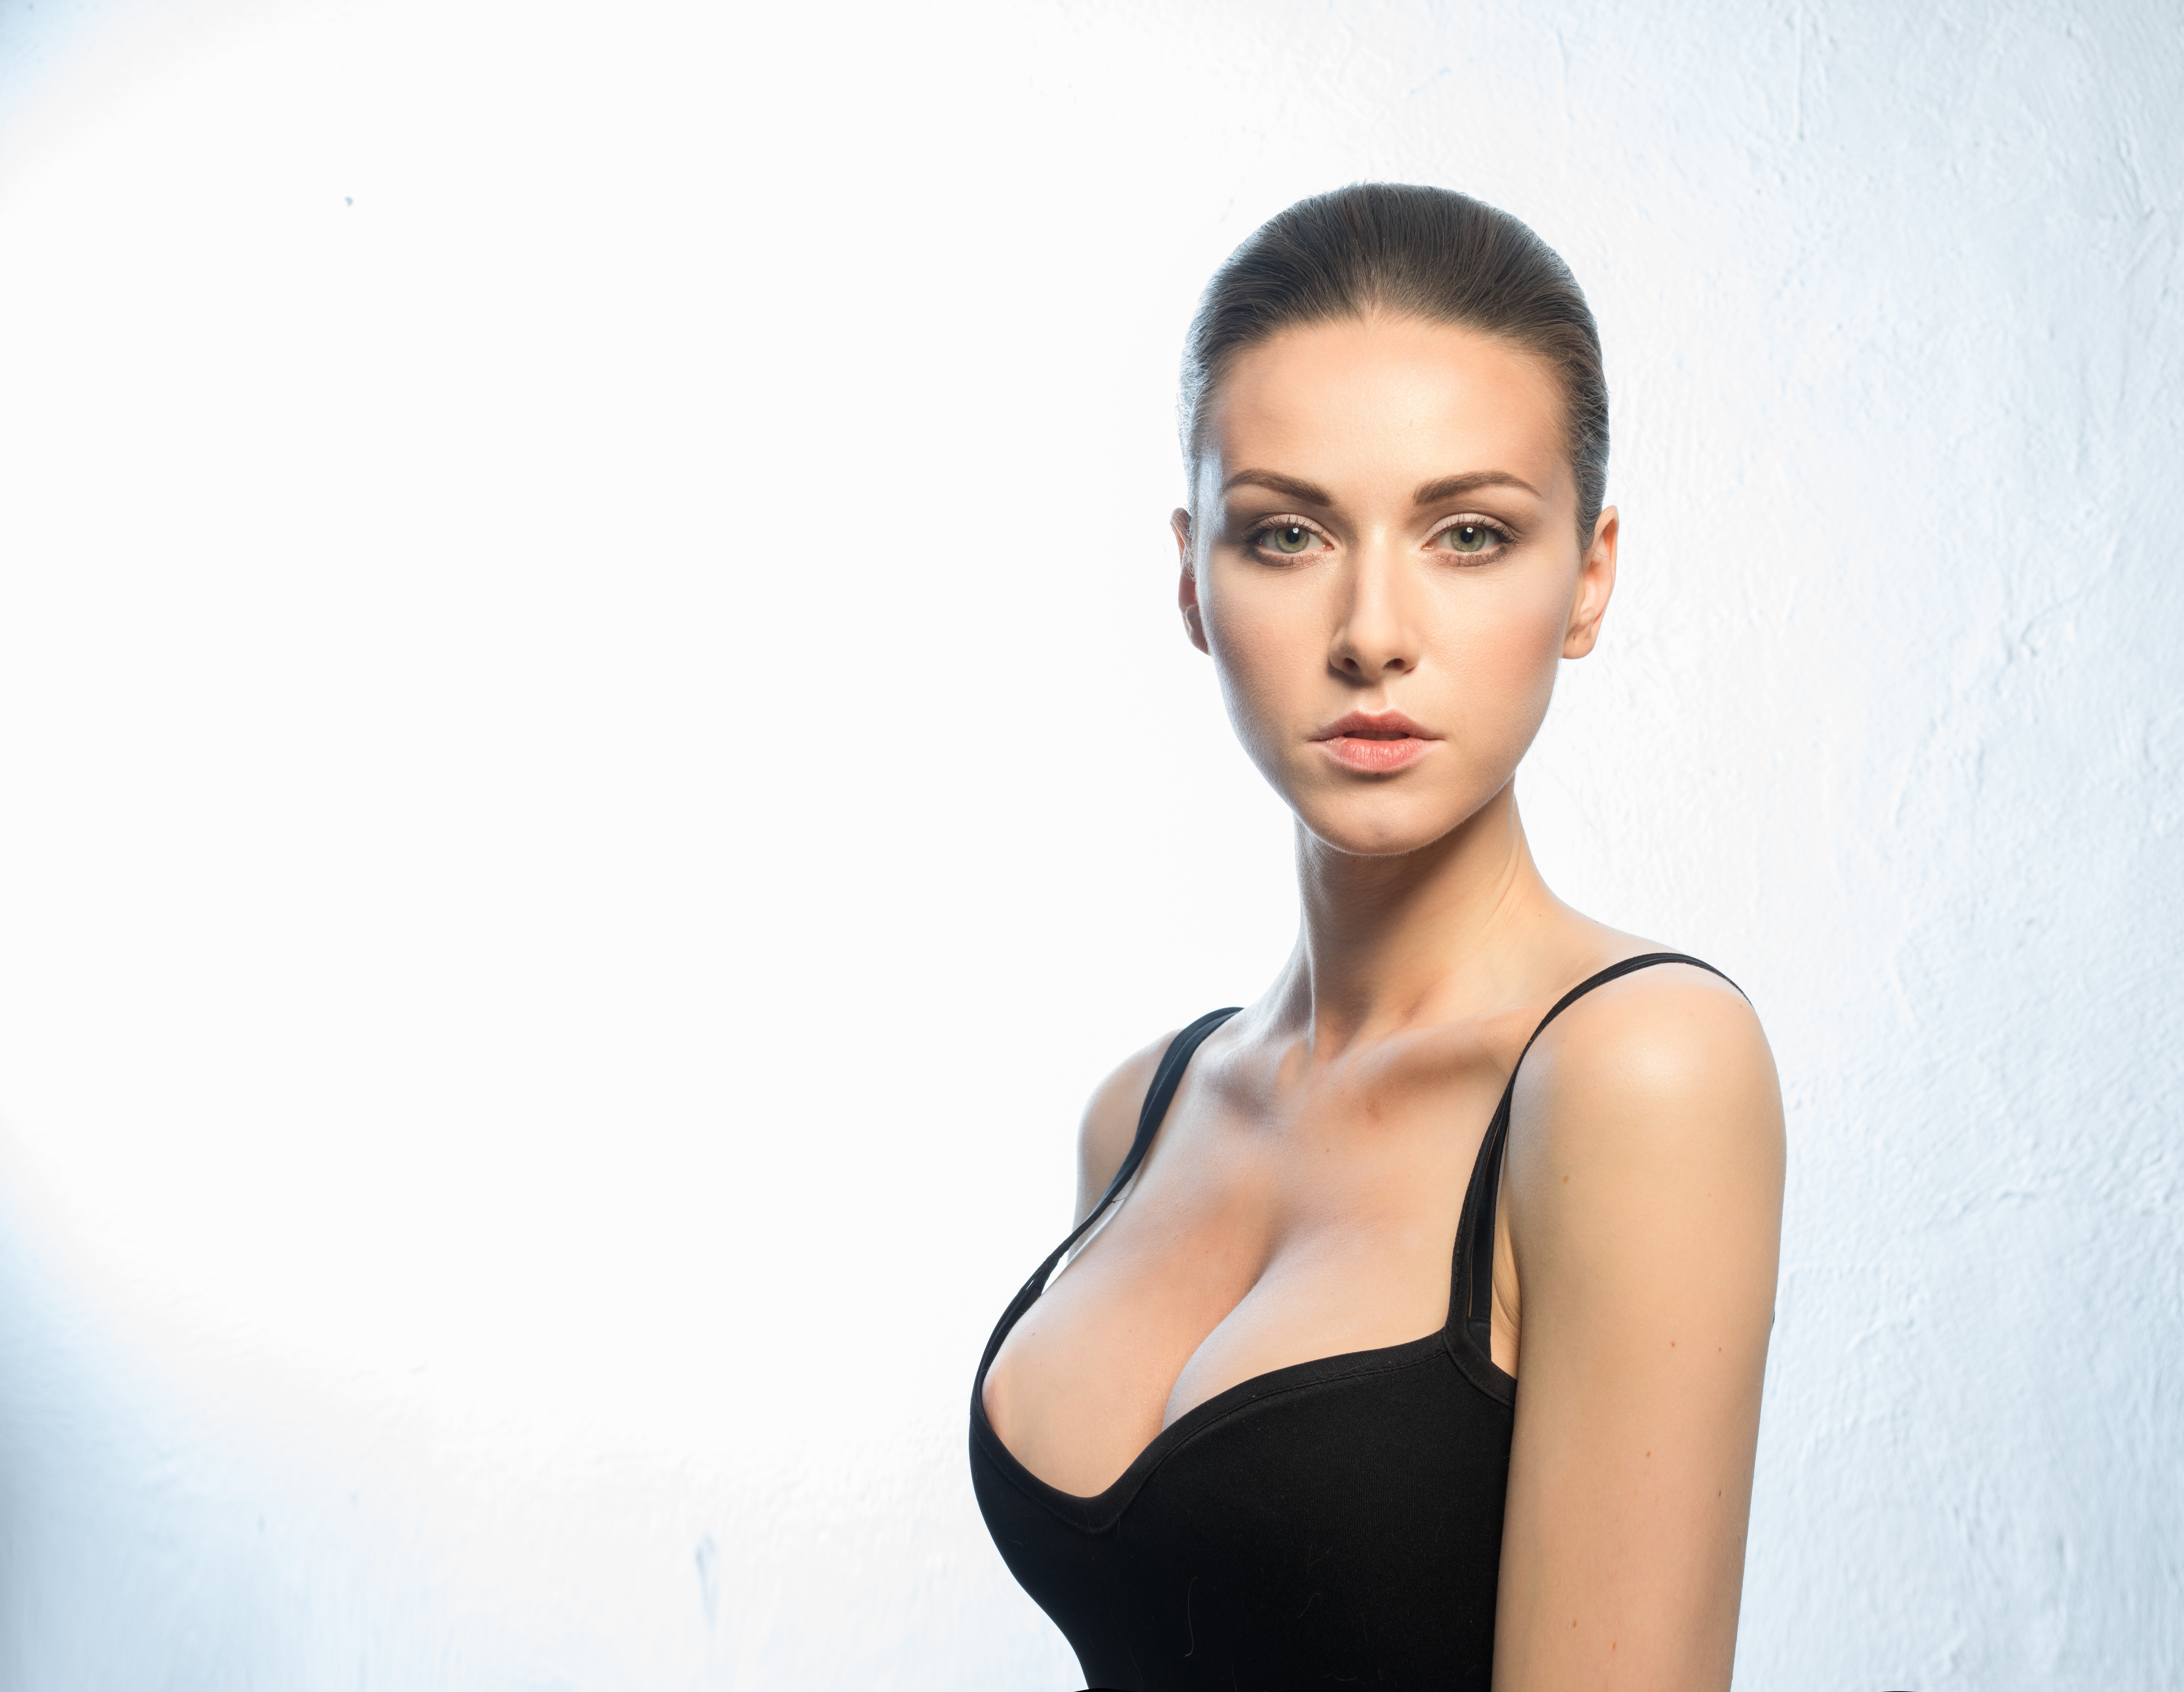 Bilder von Model Make Up schöner Dekolleté Mädchens Blick Schminke Schön schöne hübsch schönes hübsche hübscher dekolletee junge frau junge Frauen Starren